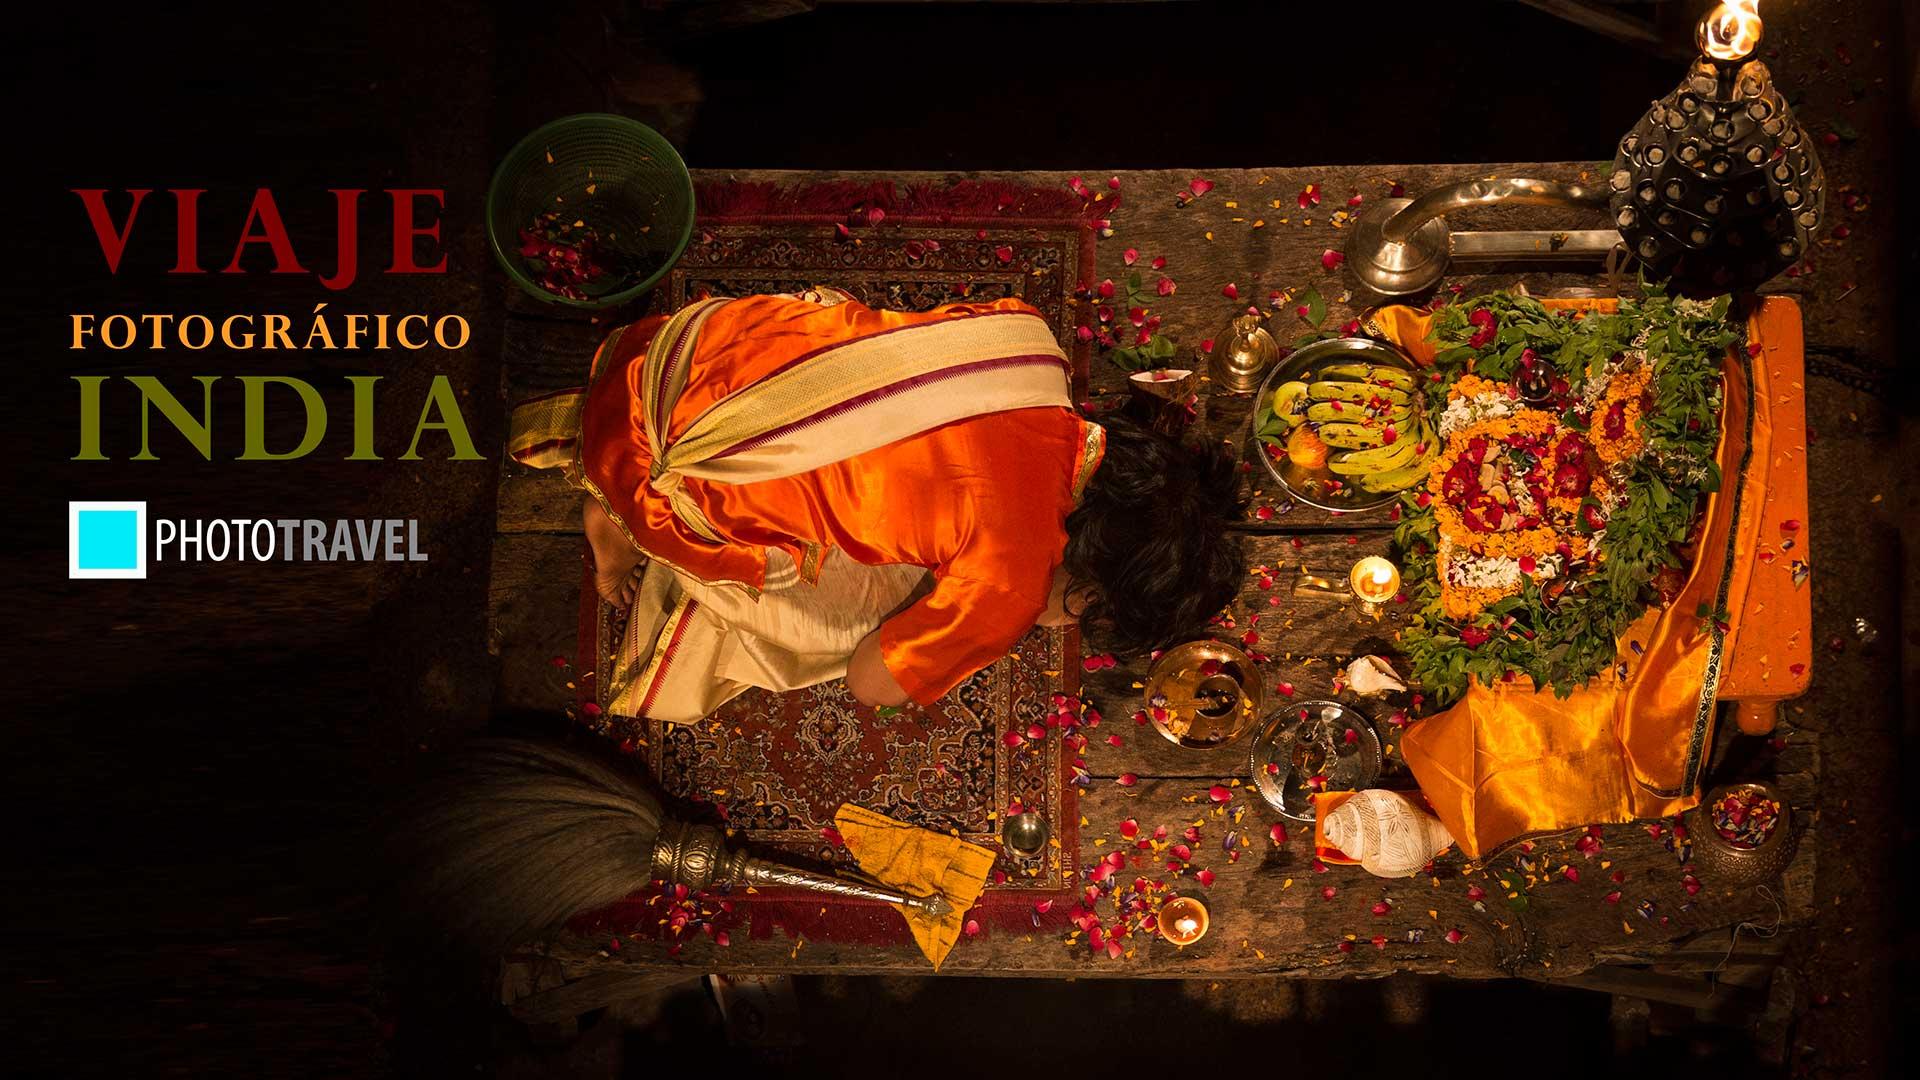 viajes-fotograficos-india-